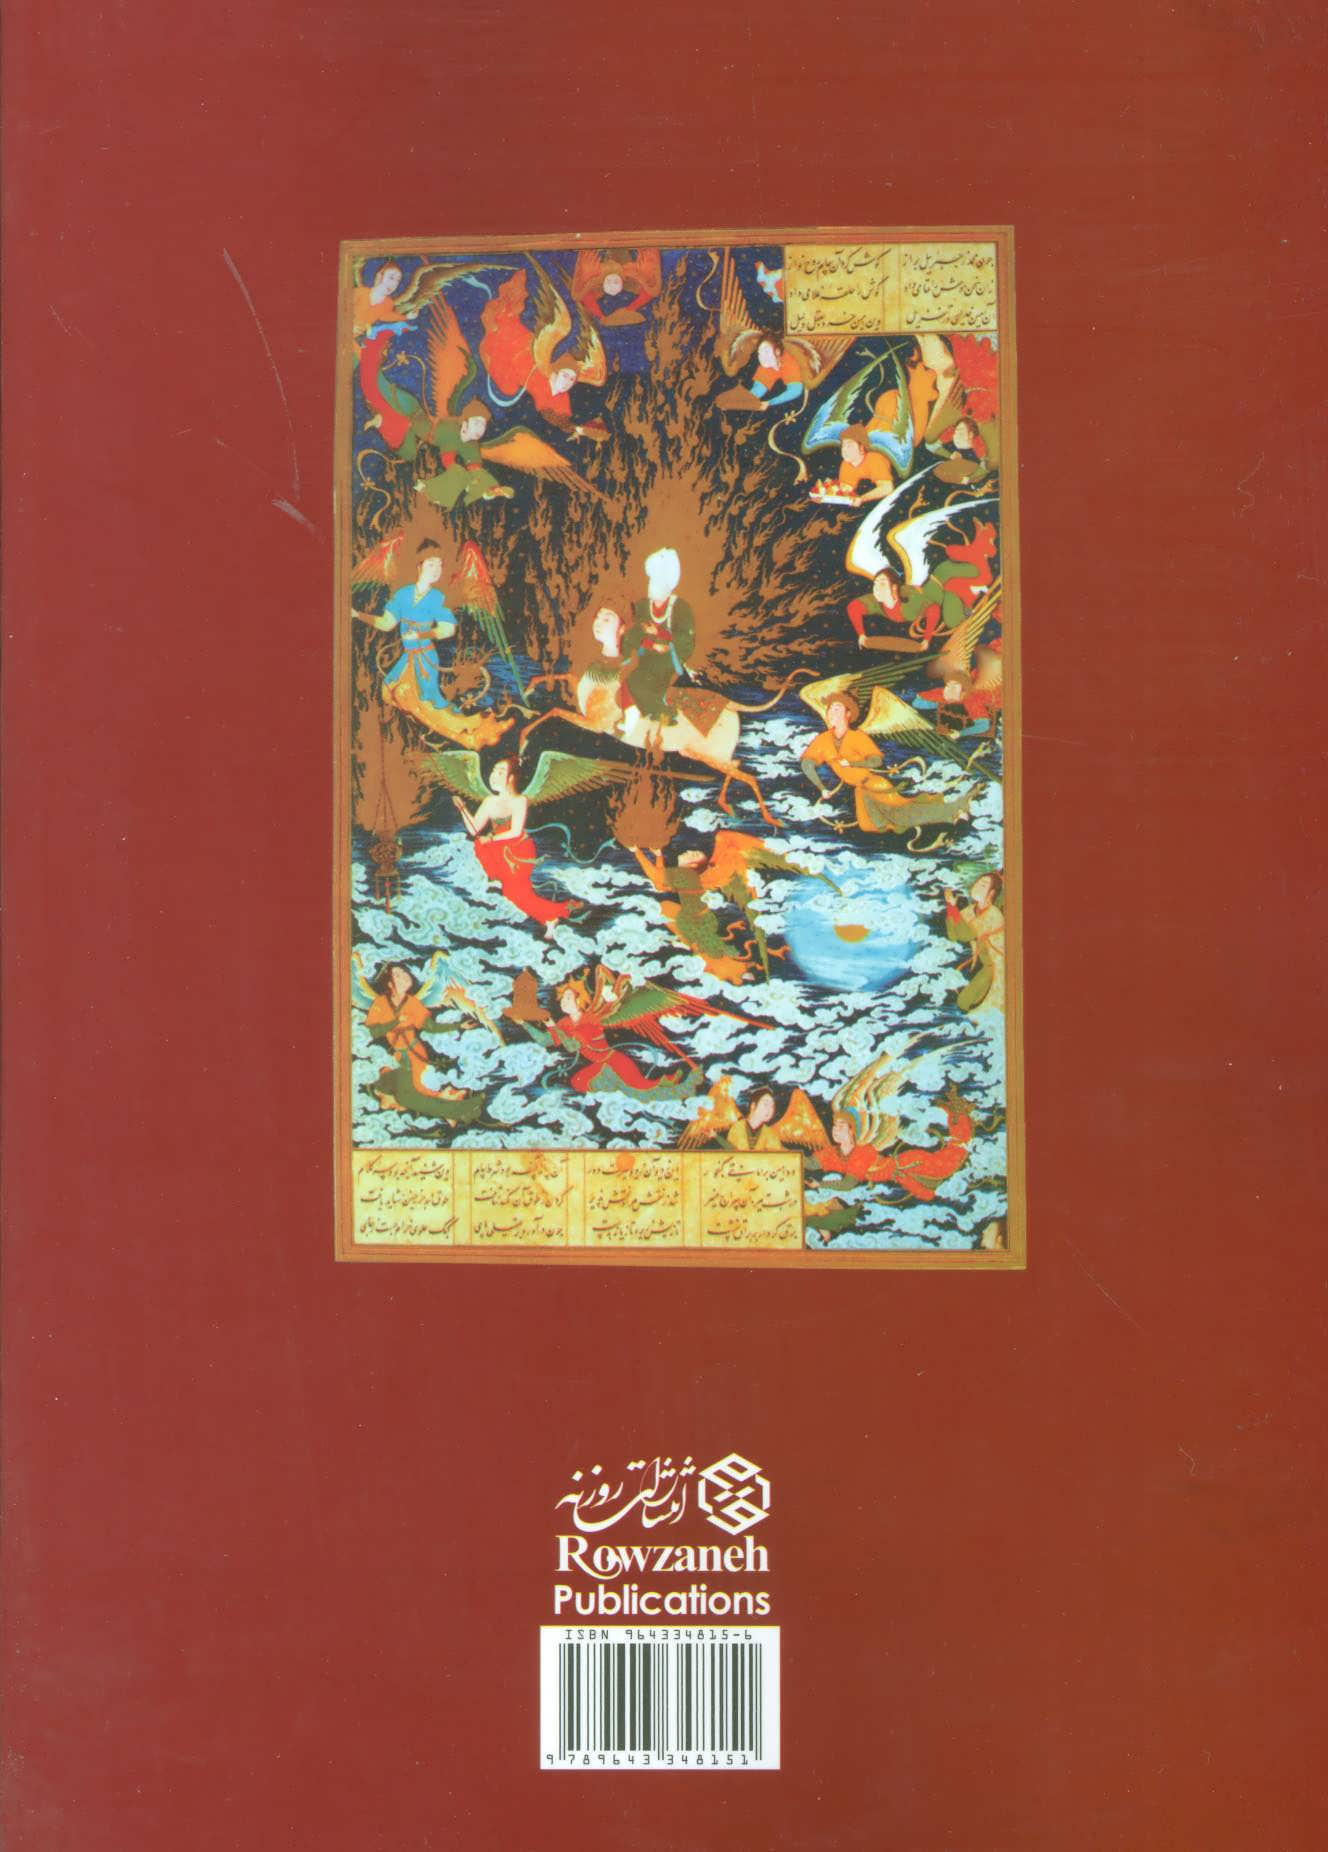 کیمیا14 (دفتری در ادبیات و هنر و عرفان)